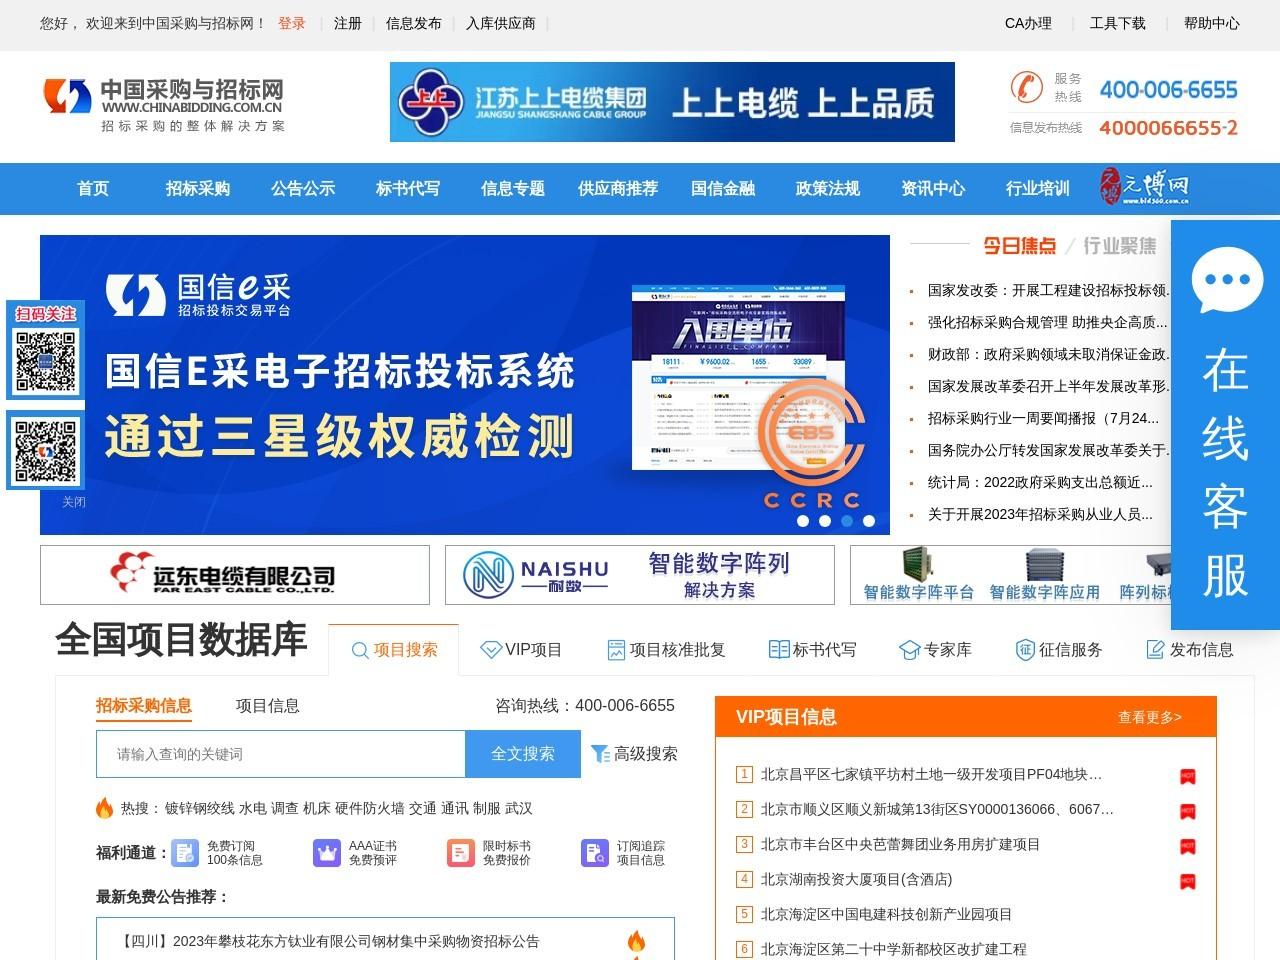 中国采购与招标网的网站截图